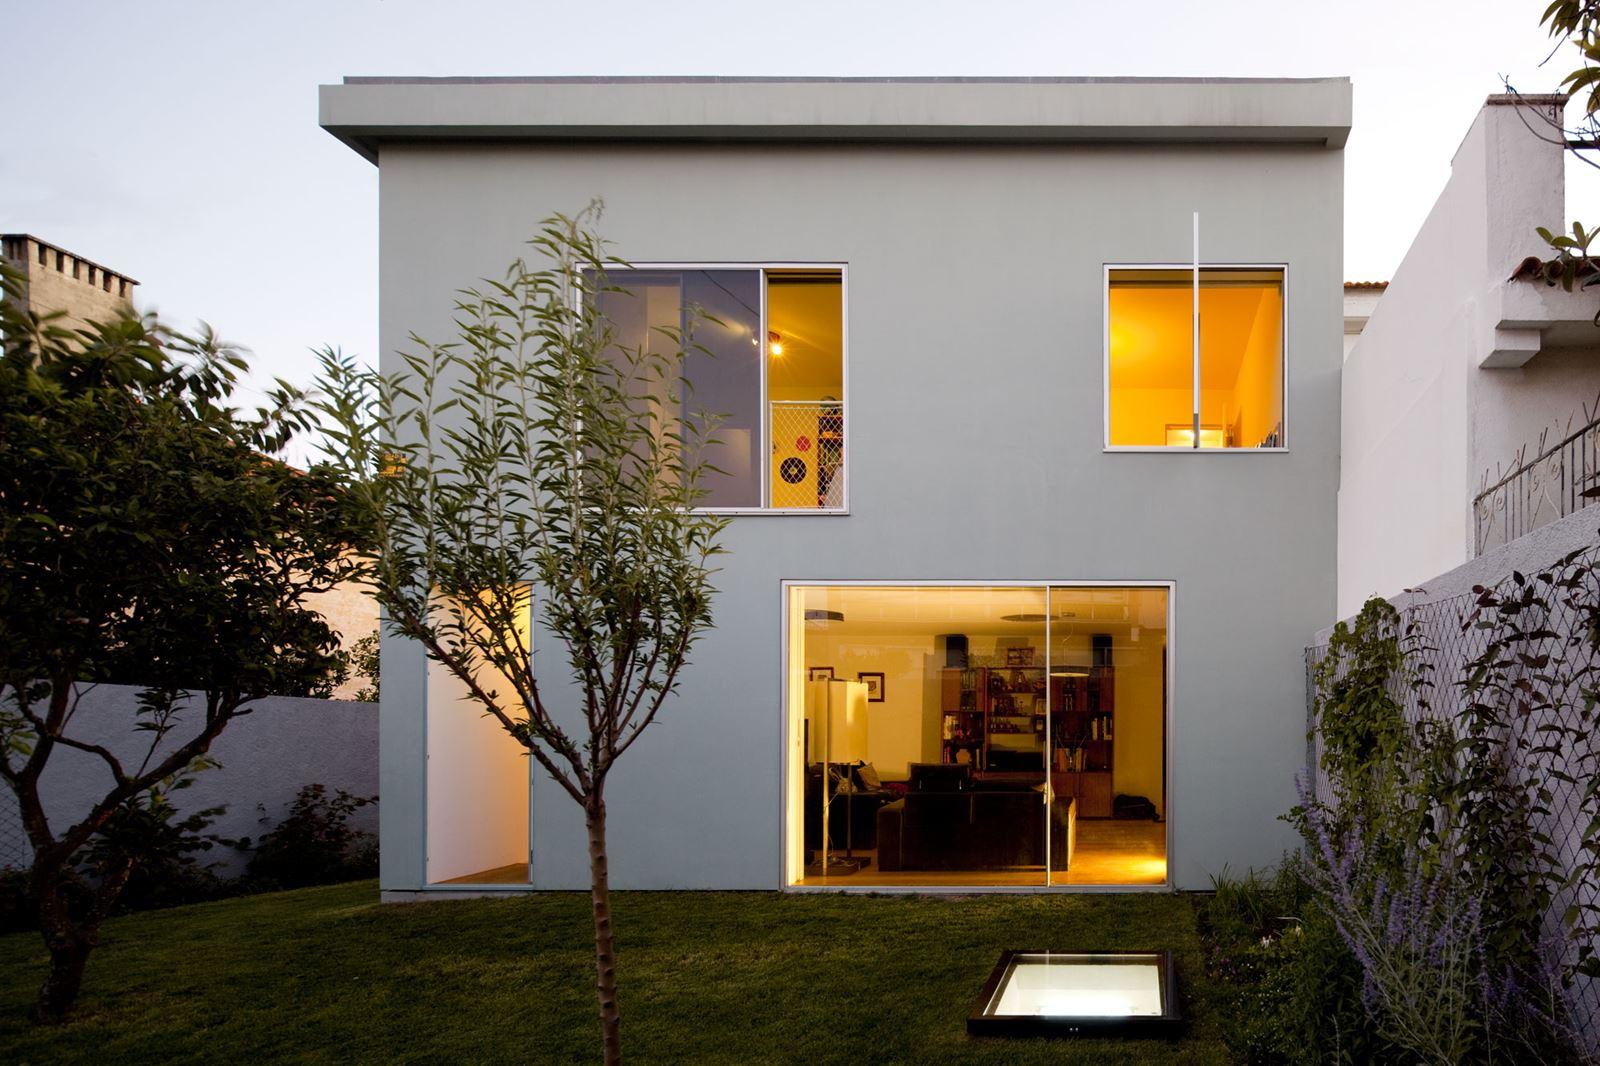 Una casa su tre livelli con molte finestre - Esterno casa colore ...